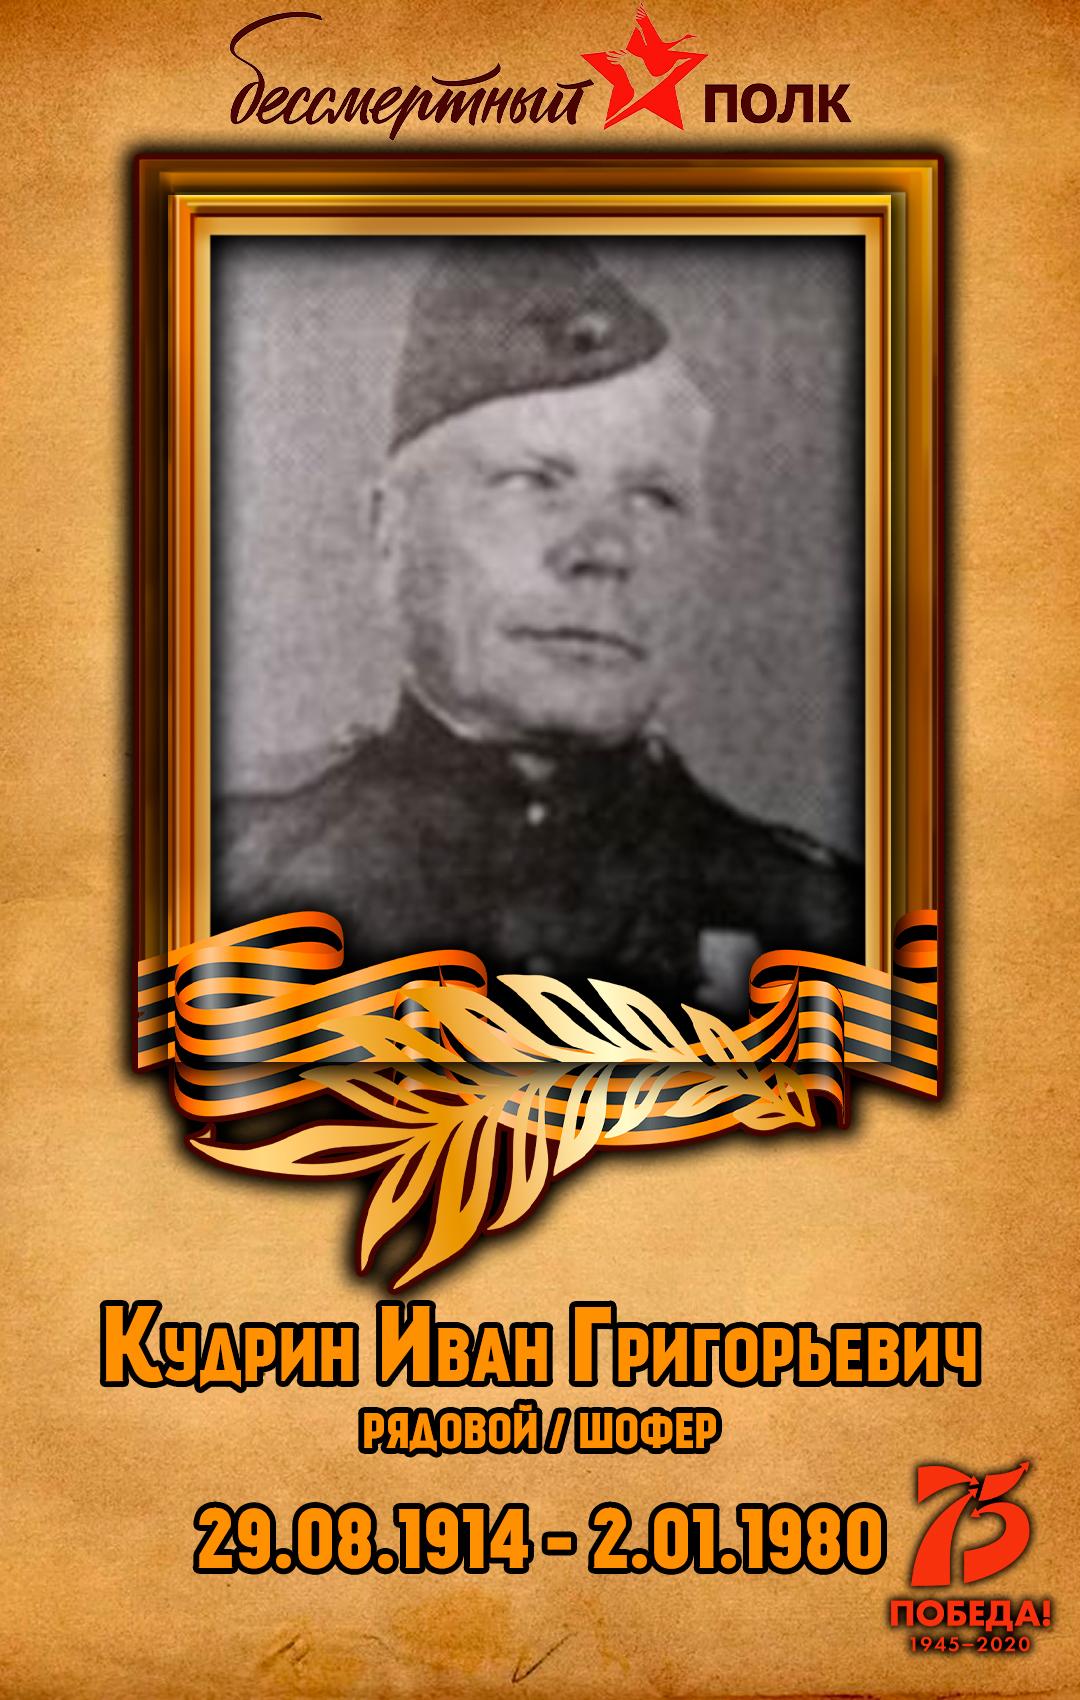 Кудрин-Иван-Григорьевич